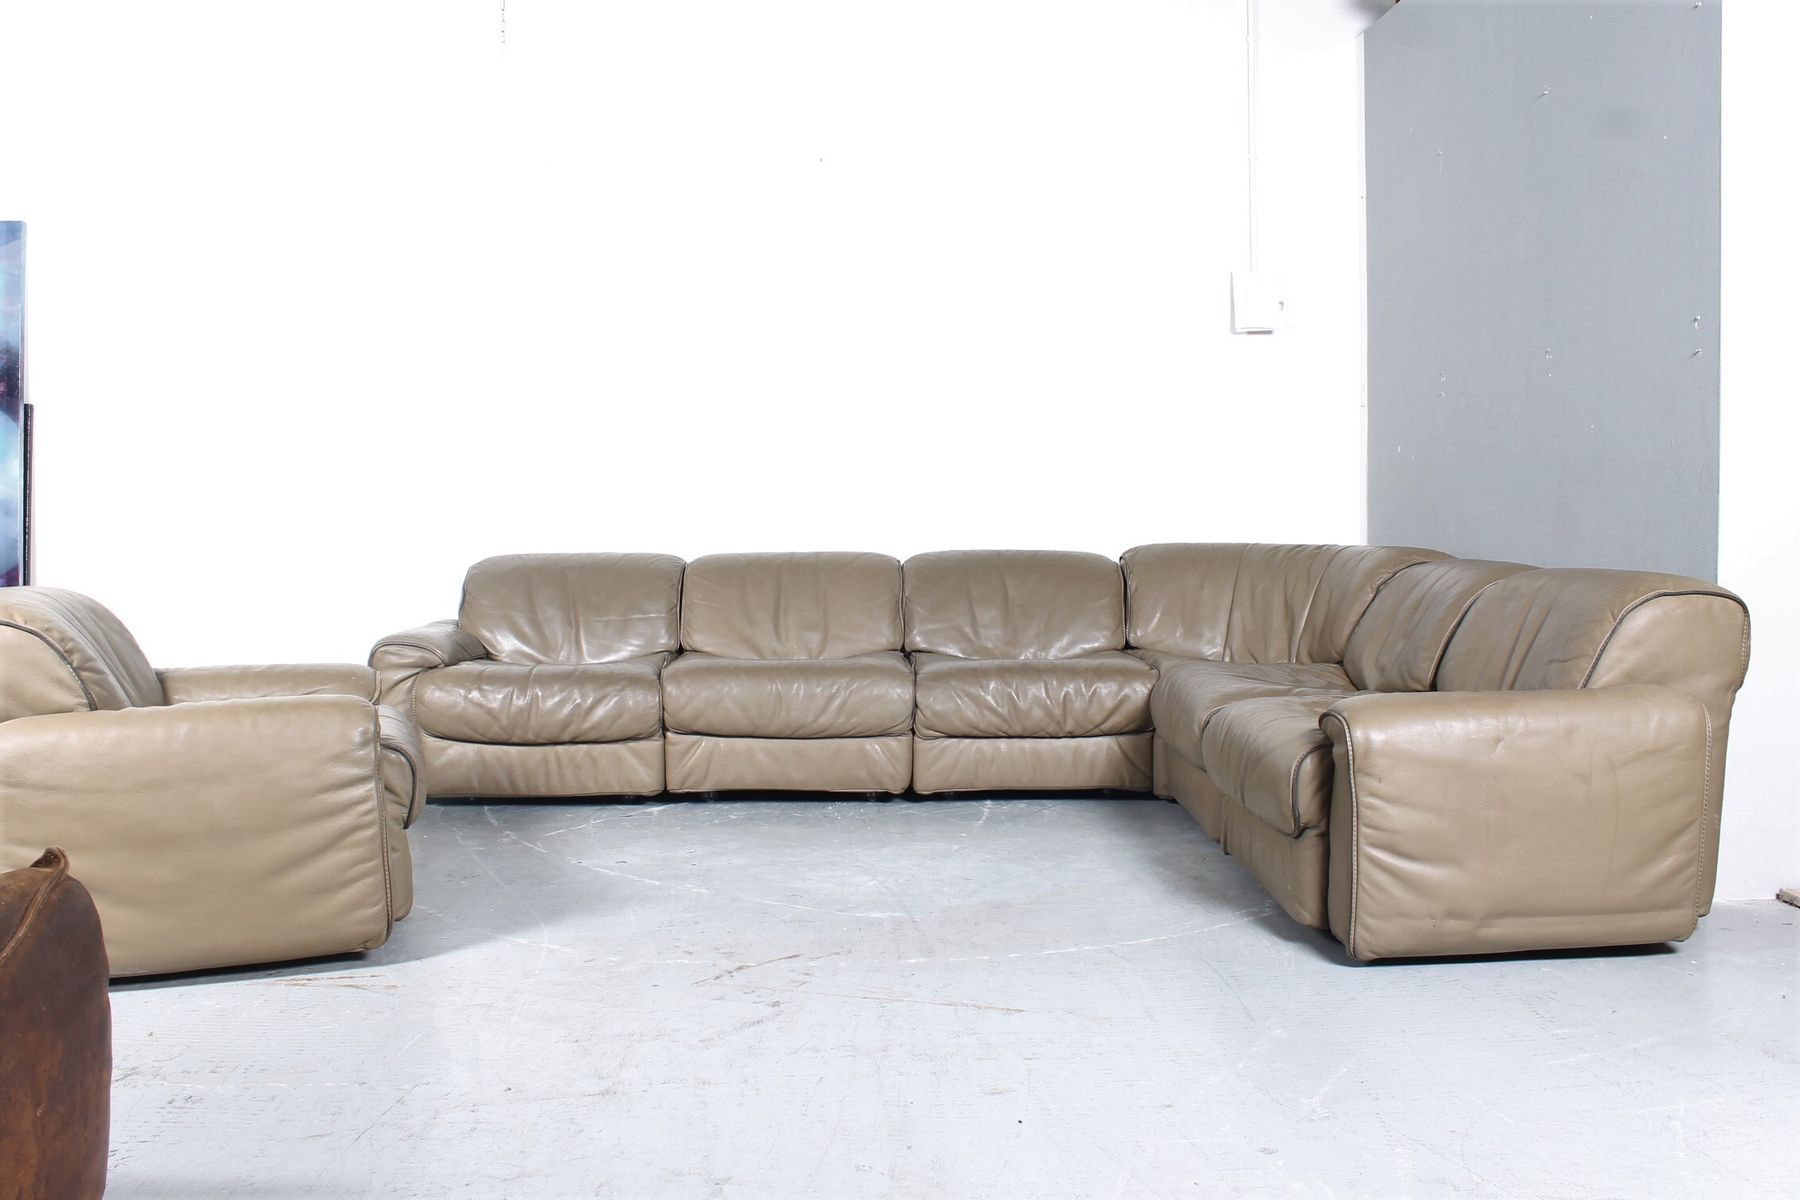 Divano Ad Angolo In Pelle : Gallery of divano chesterfield angolare con angolo tondo in vera